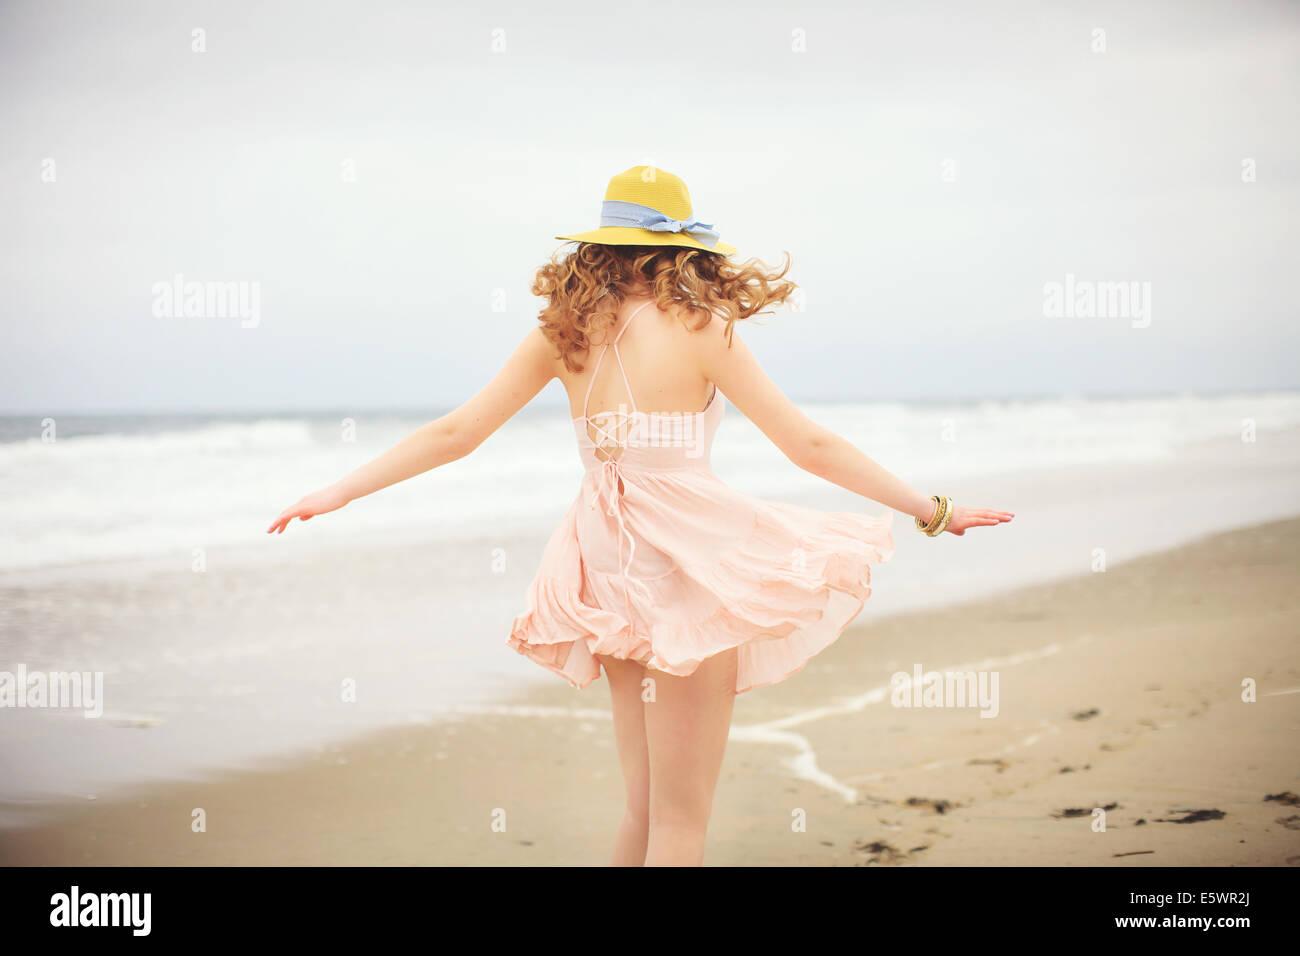 Vue arrière de l'adolescente se promener sur la plage, l'établissement Hampton, New Hampshire, Photo Stock